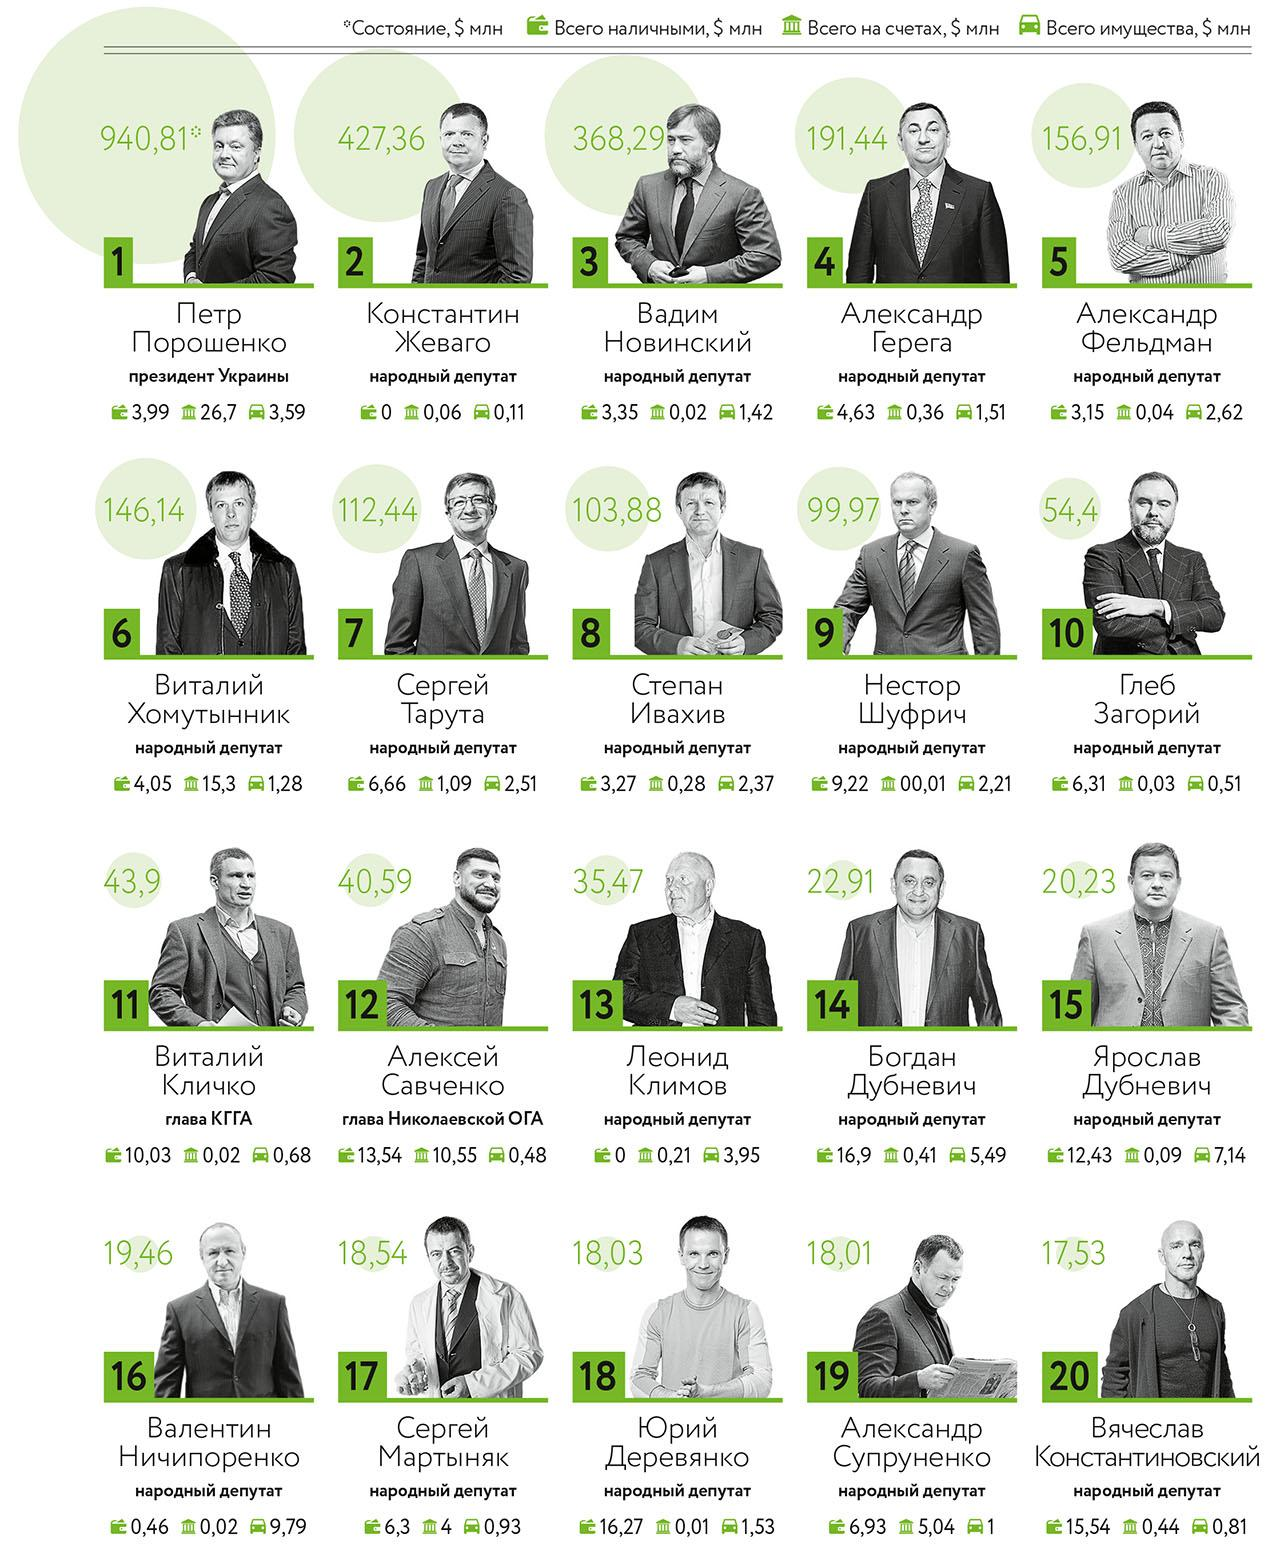 Кто возглавил список самых богатых чиновников Украинского государства?!